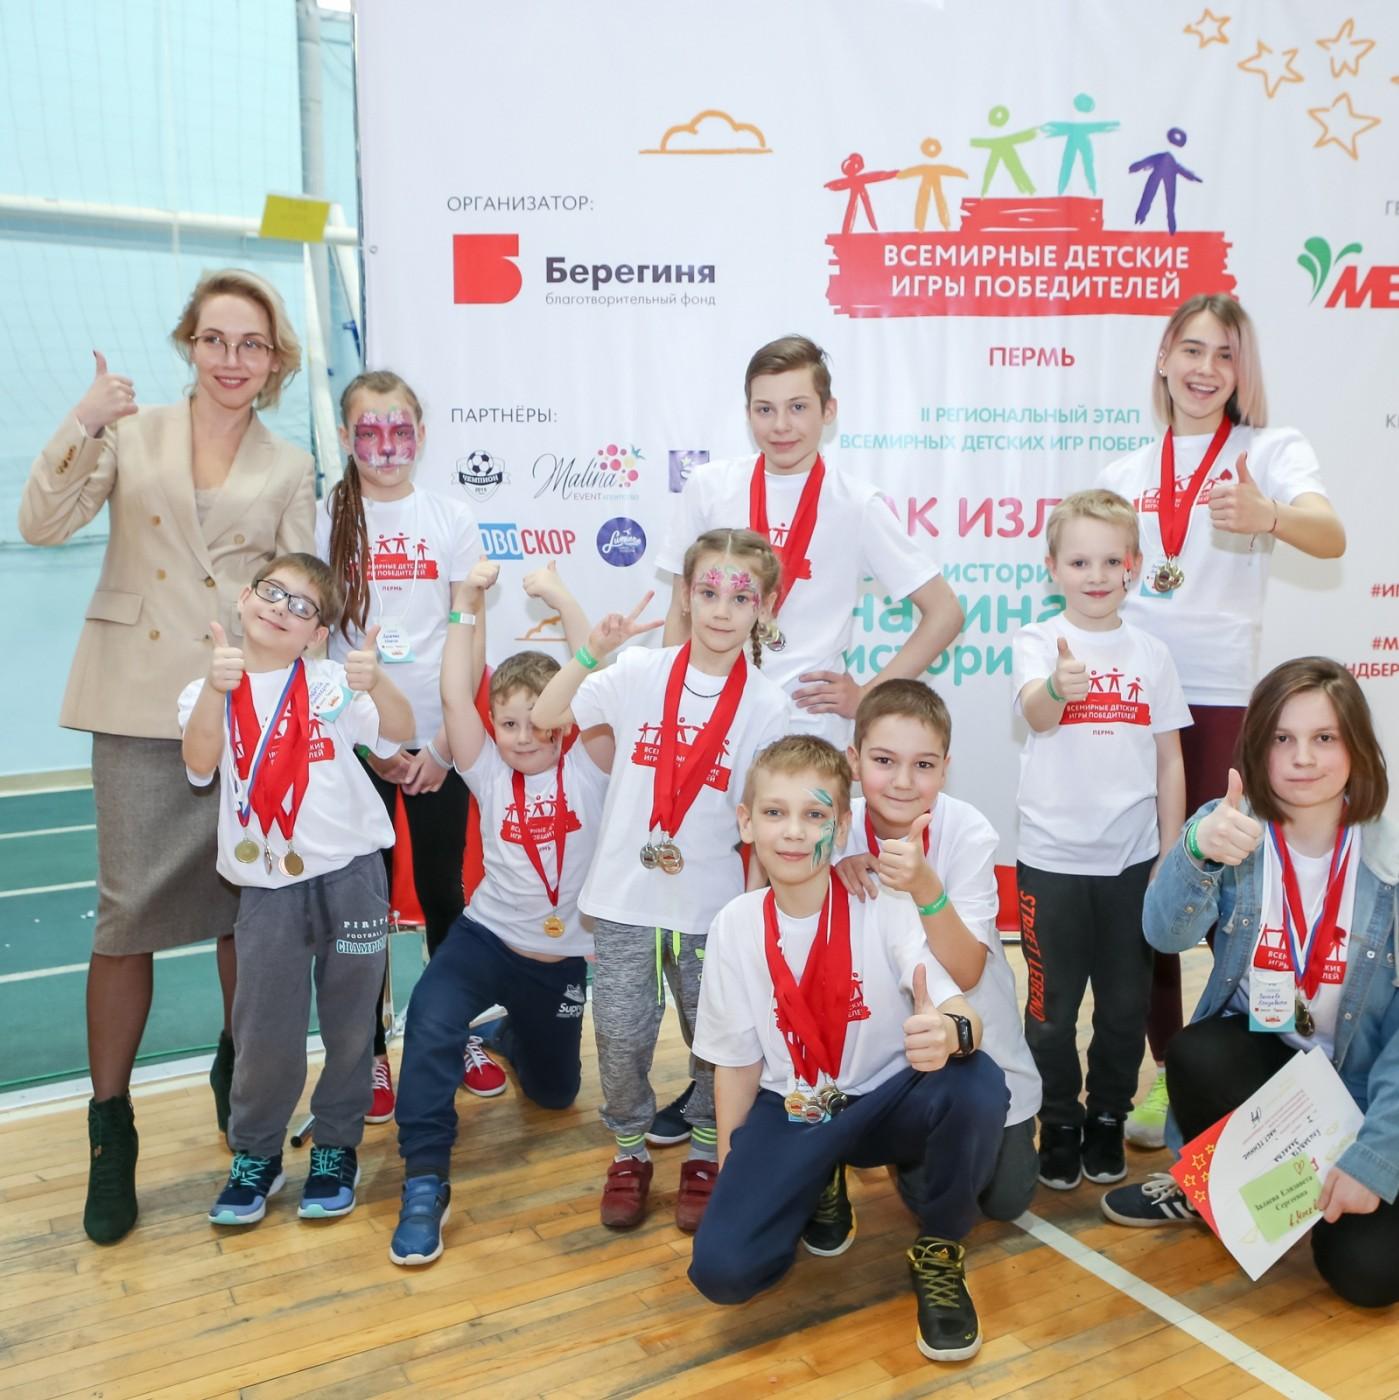 В Перми пройдут «Игры победителей» - соревнования для детей, победивших рак